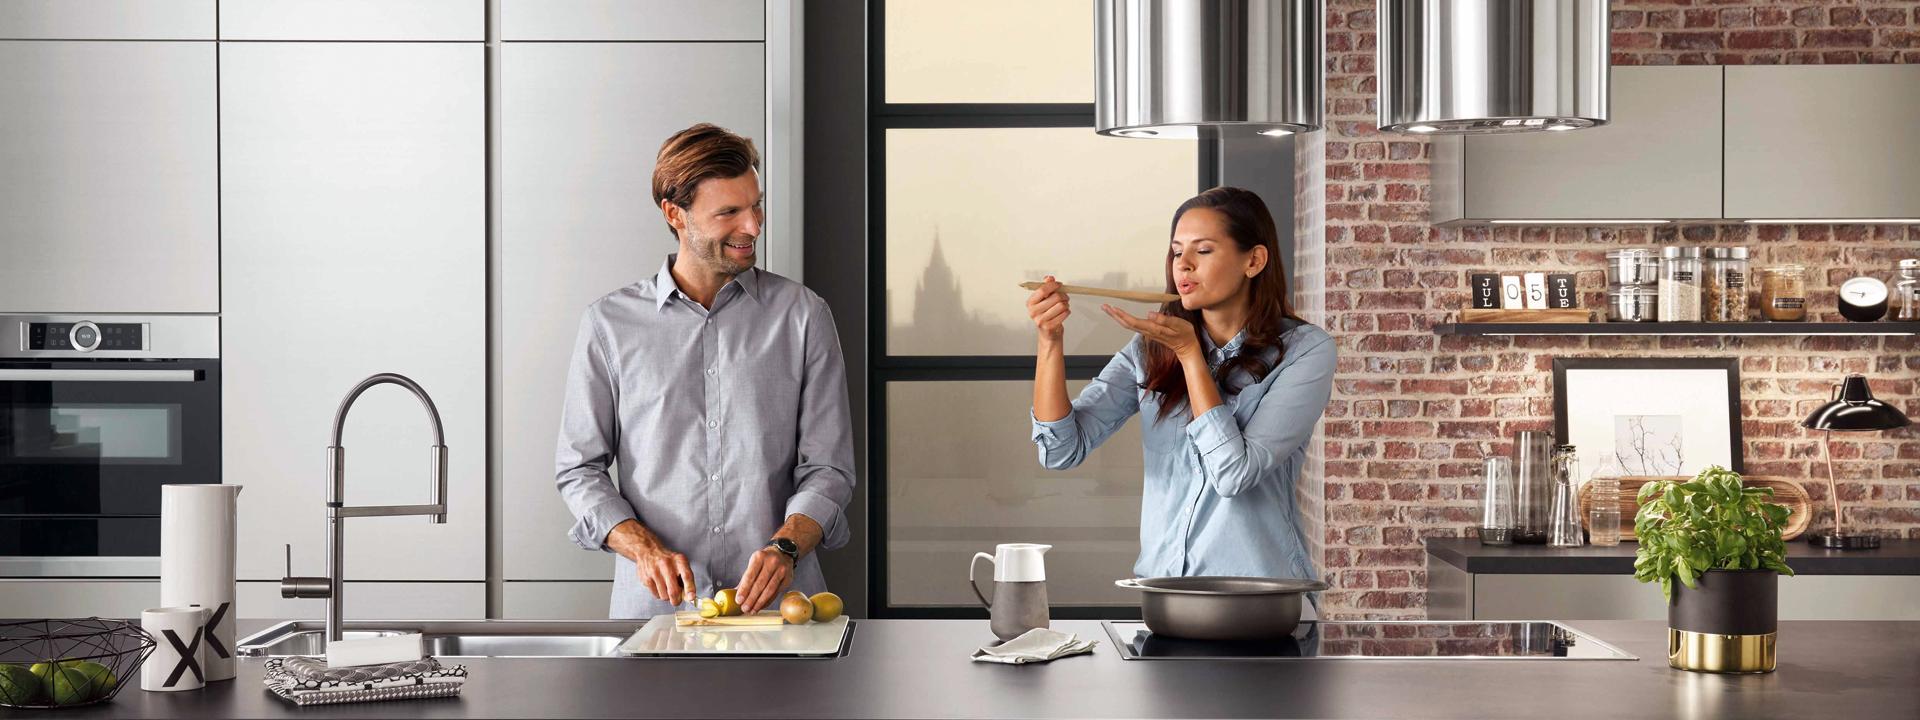 Ratgeber Kuche Amk Arbeitskreis Moderne Kuche